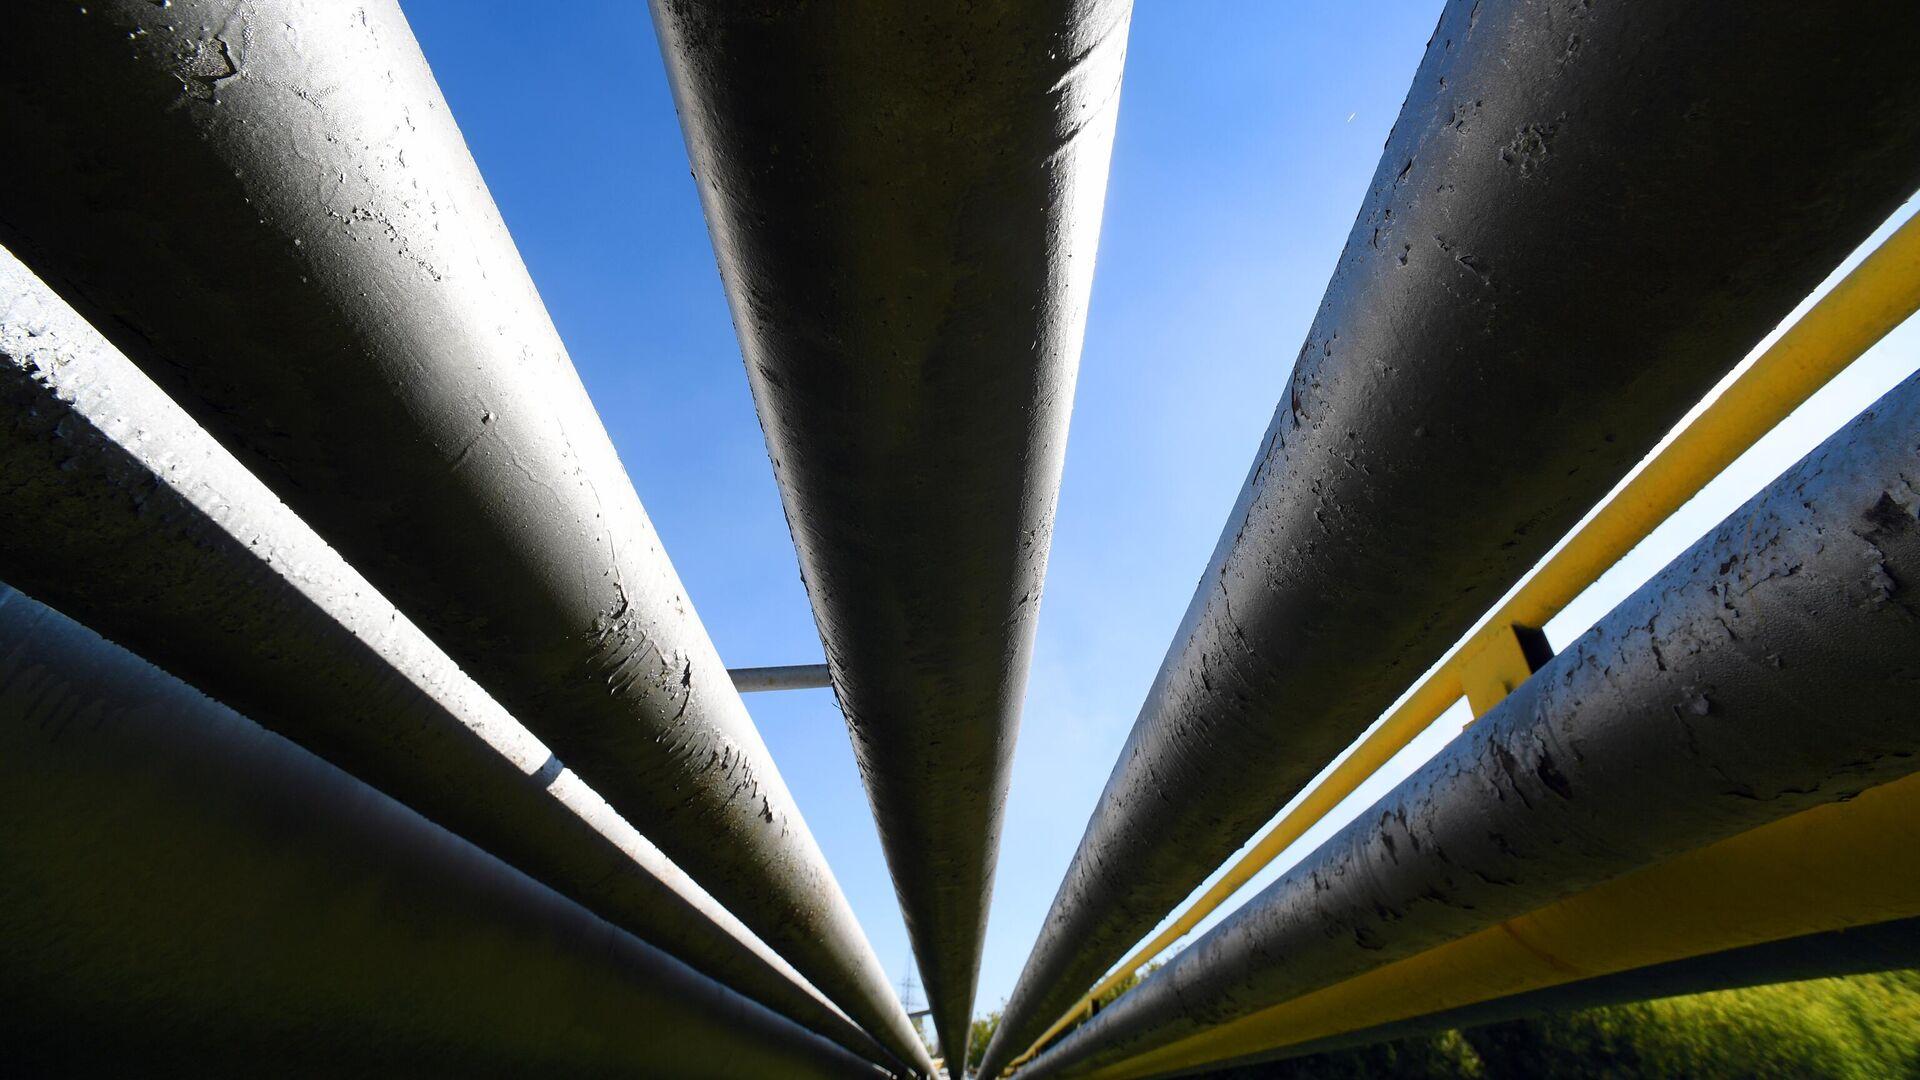 Объем добычи природного газа в Китае растет на 10 млрд кубометров в год